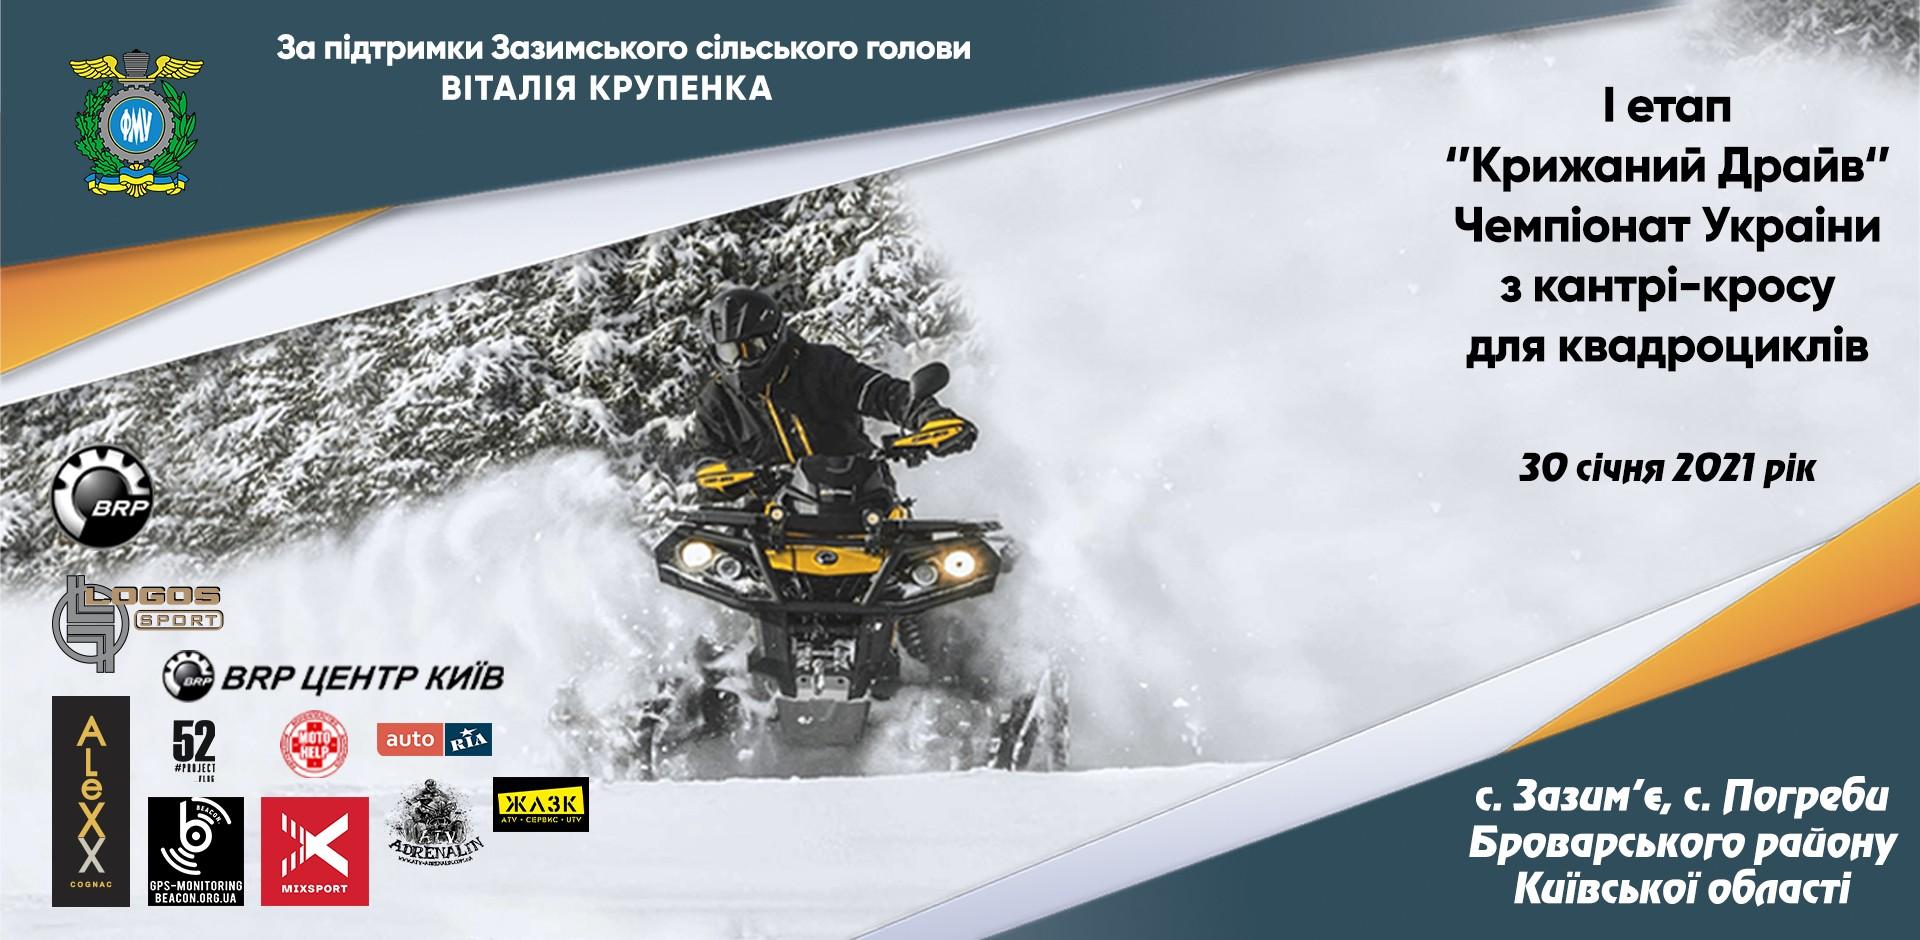 Перший етап Чемпіонату України з Кантрі Кросу 2021